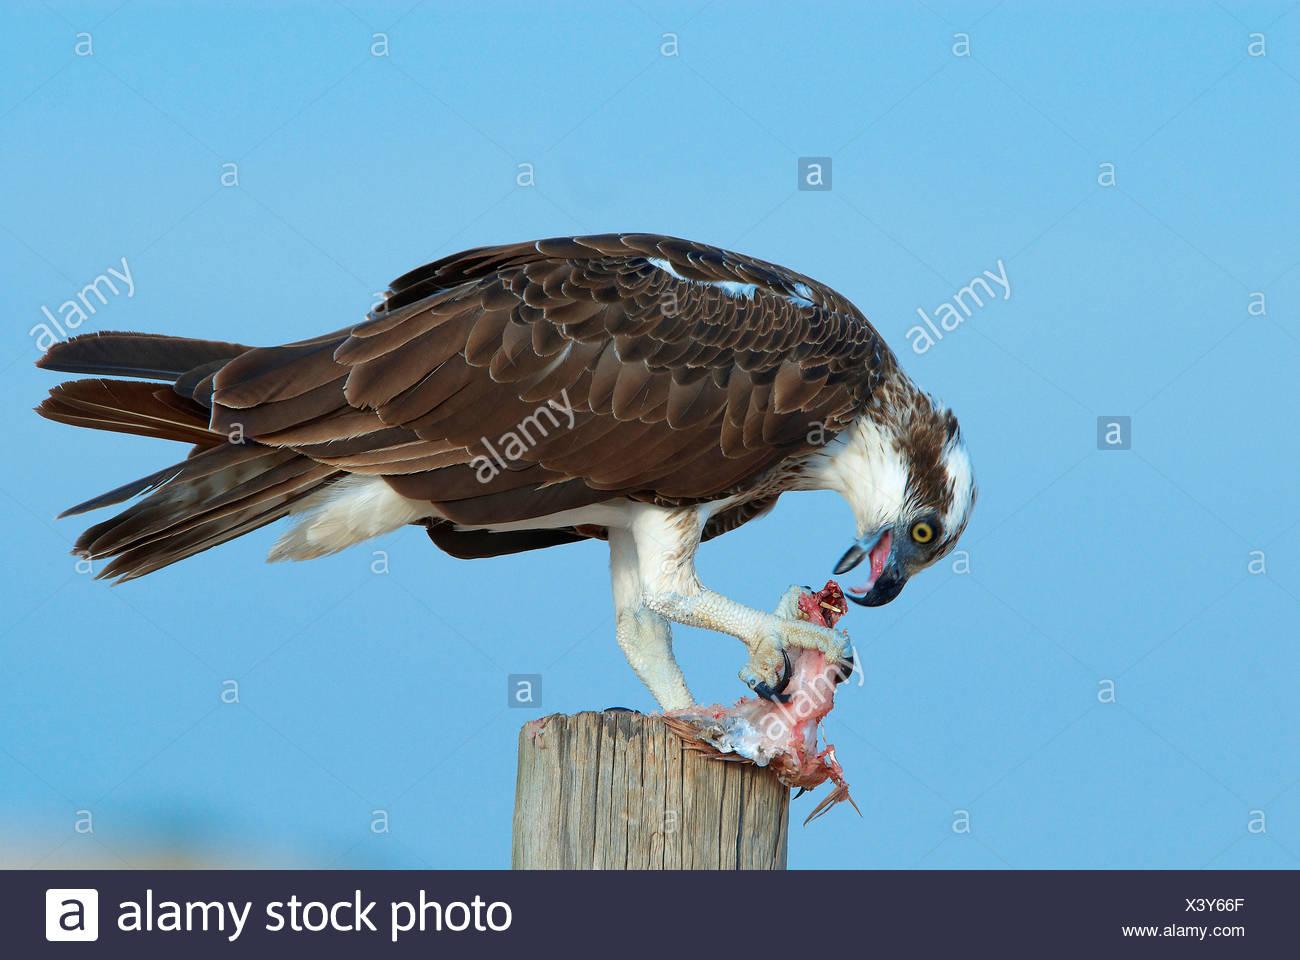 Eagle, de l'Australie, Cape Leveque, poissons, animaux, oiseaux, l'ouest de l'Australie, proie, manger Photo Stock